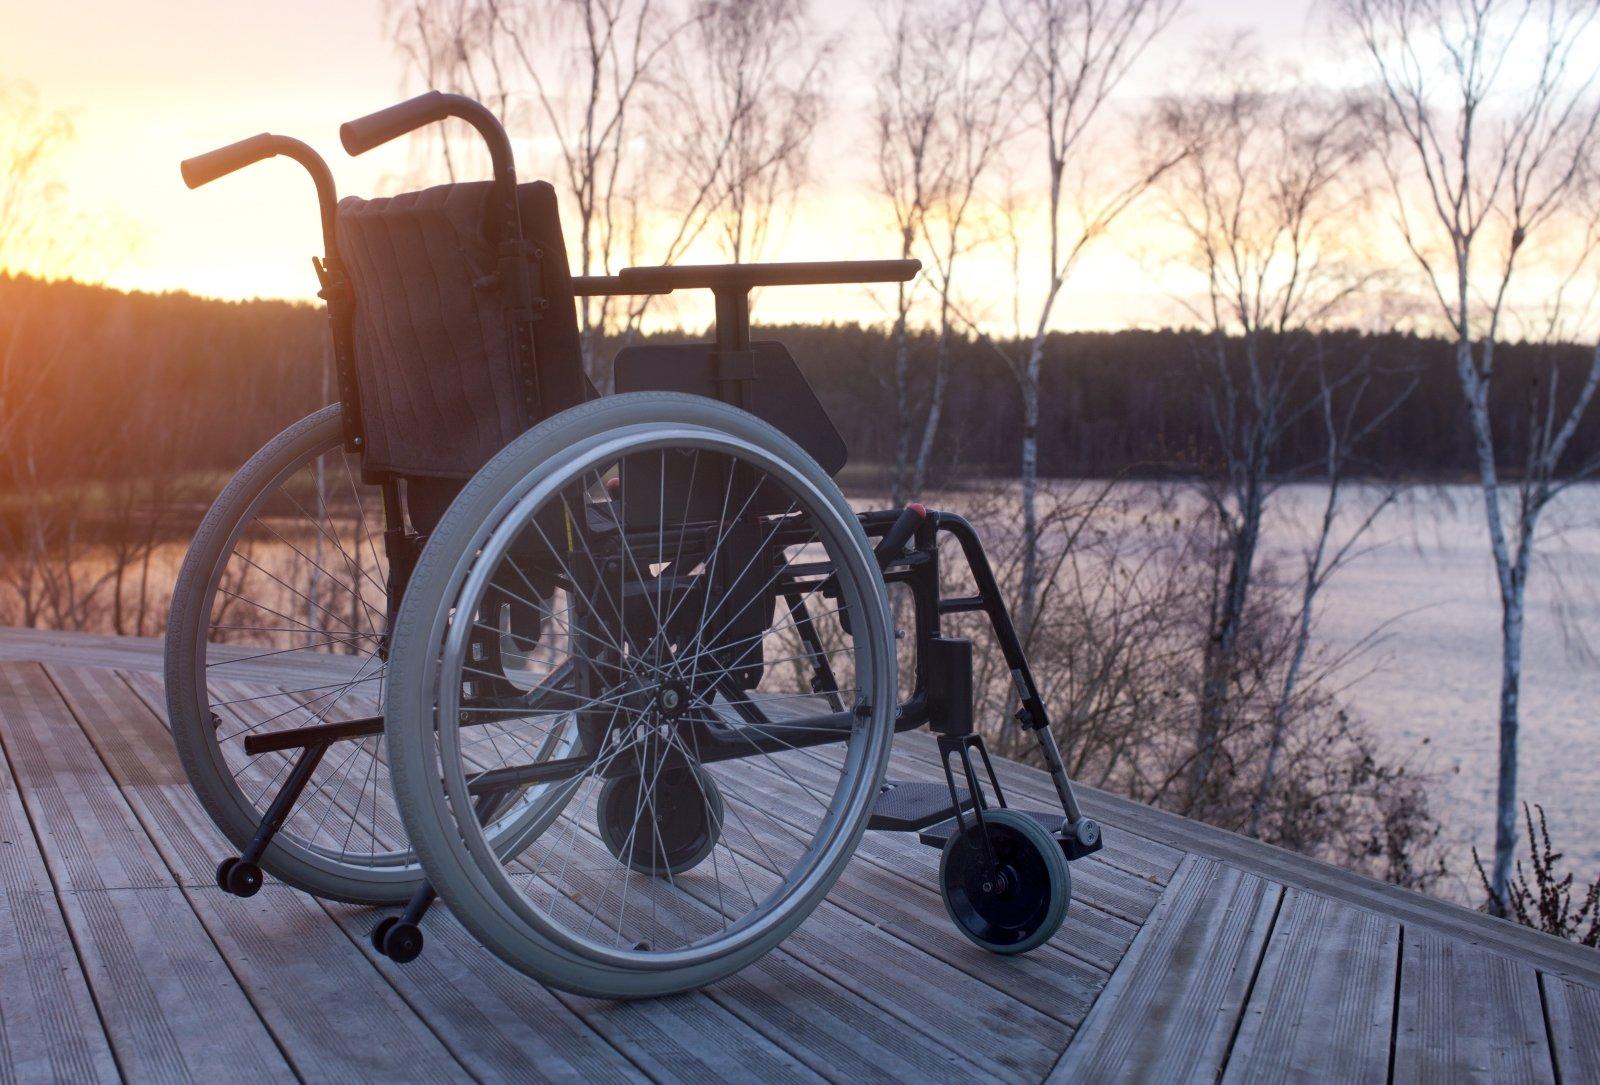 Sedia a rotelle vuota in piedi in un parco